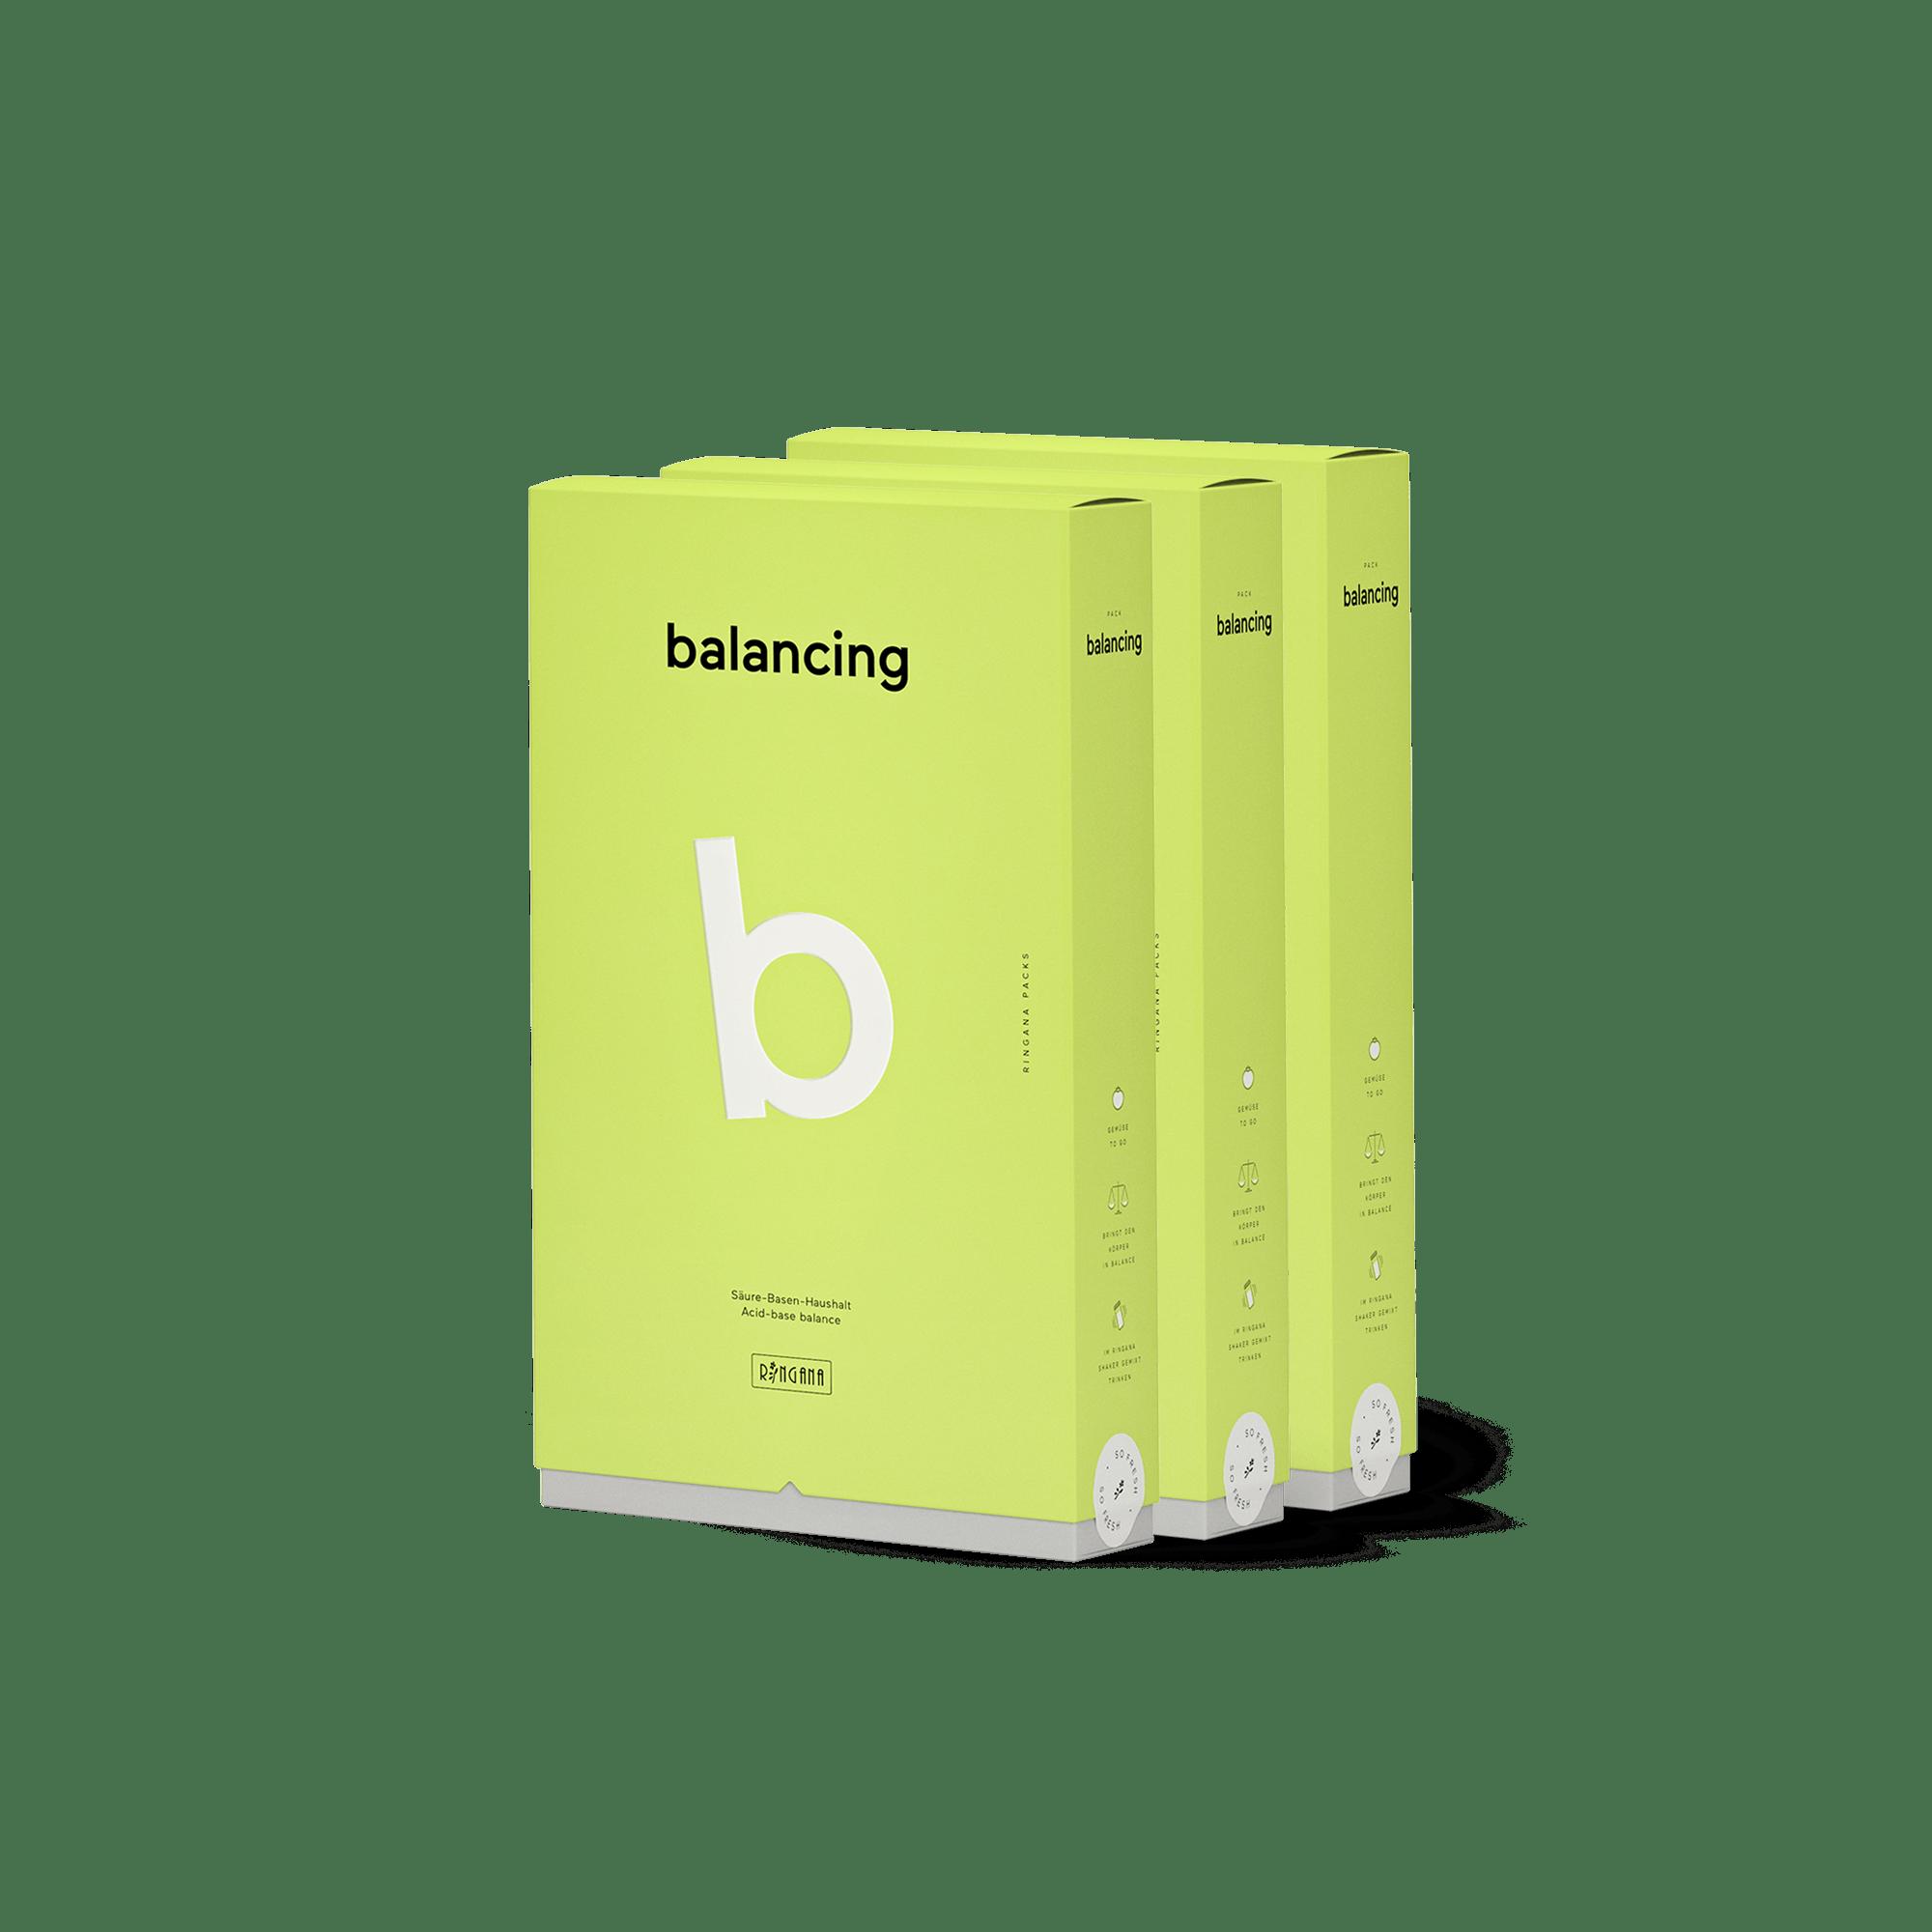 RINGANA PACK balancing